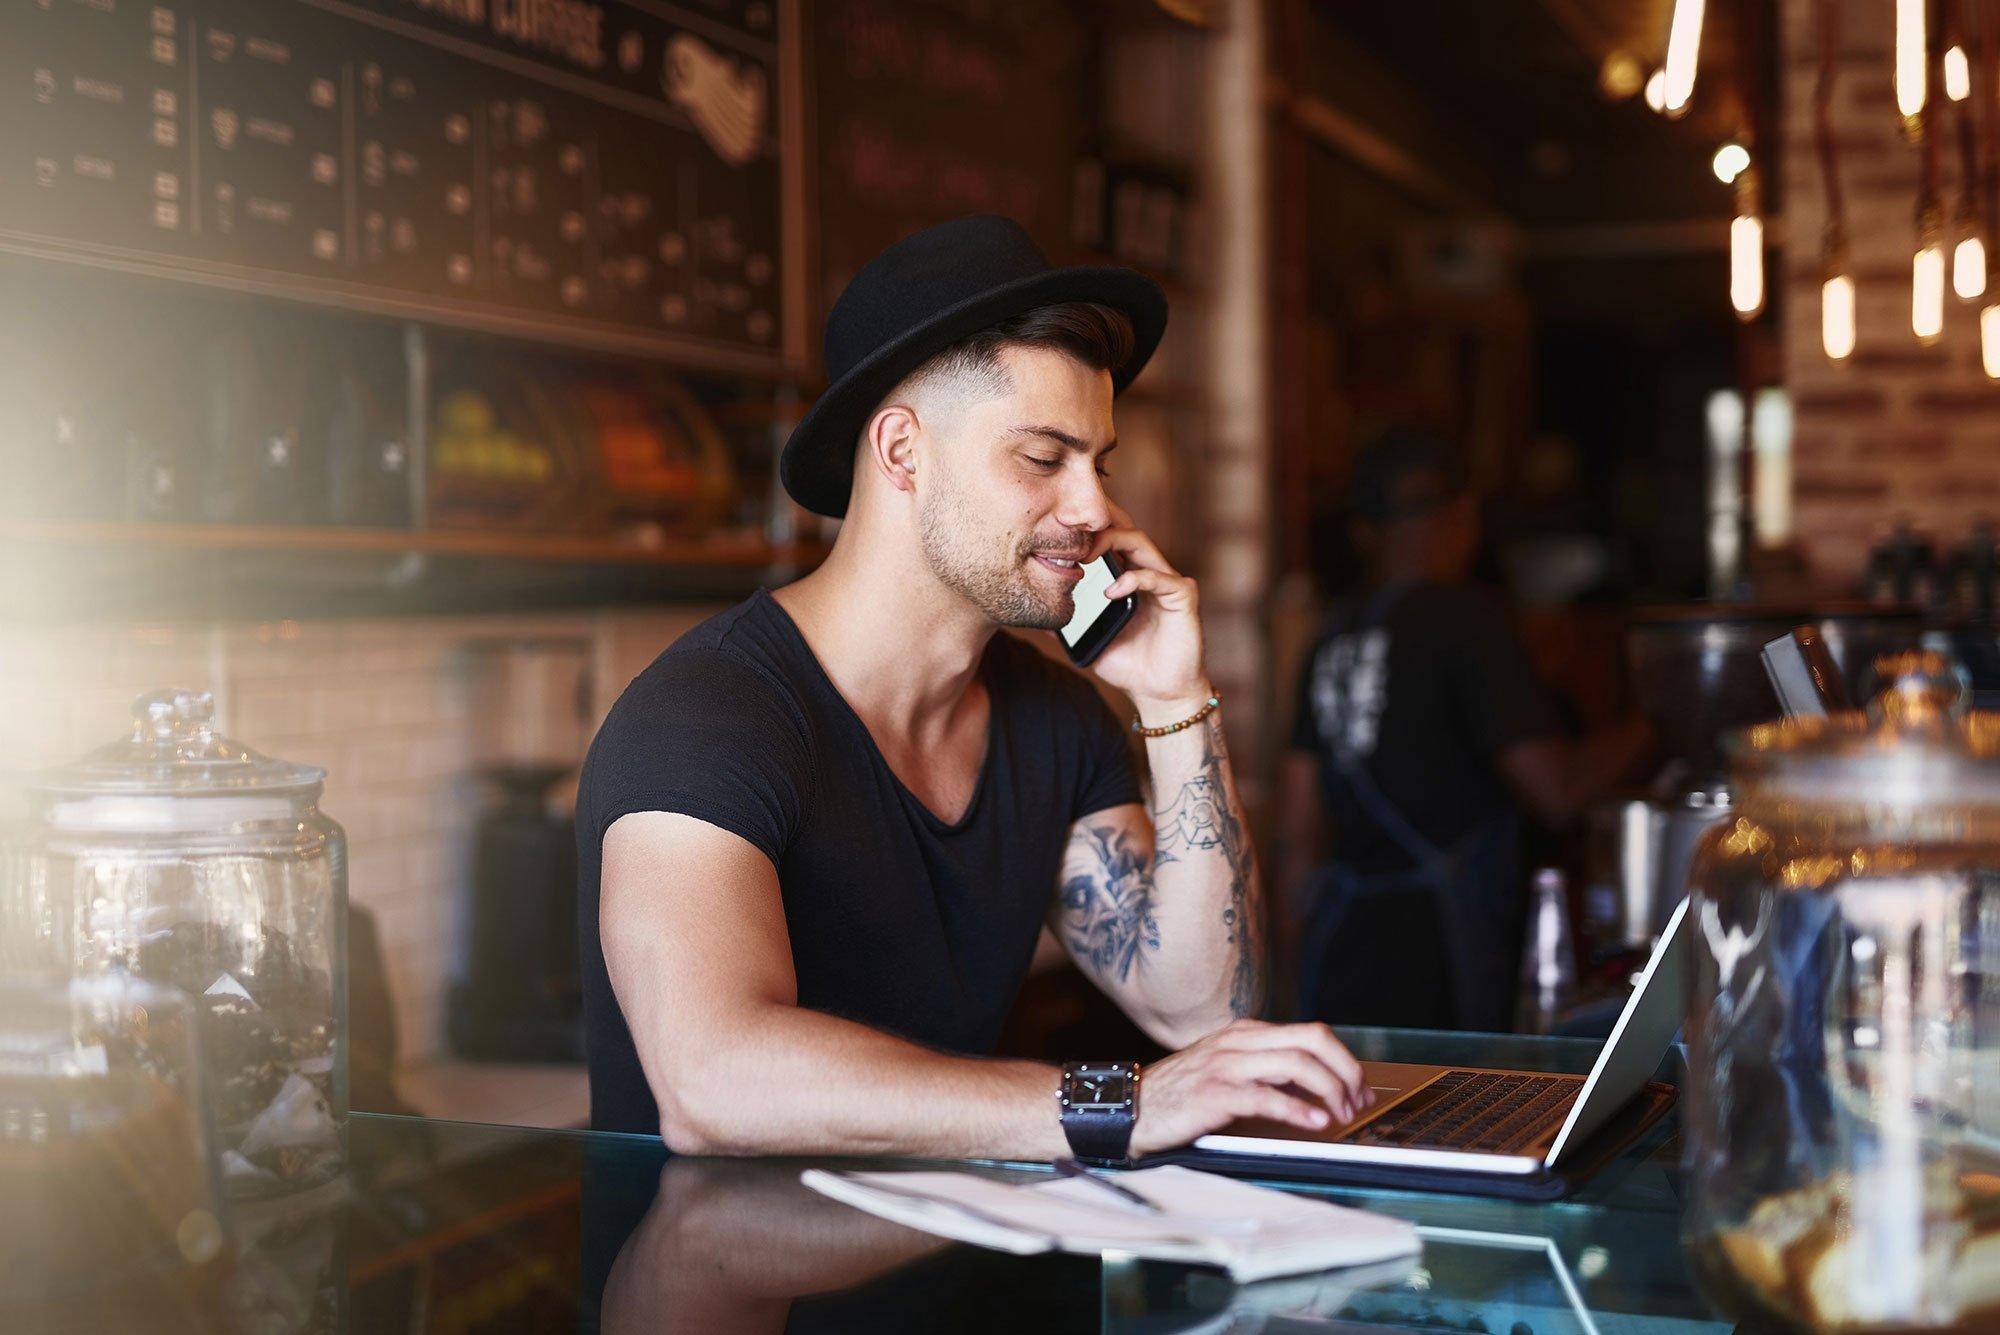 man-wearing-hat-tattoos-behind-bar-using-mobile-phone-and-laptop